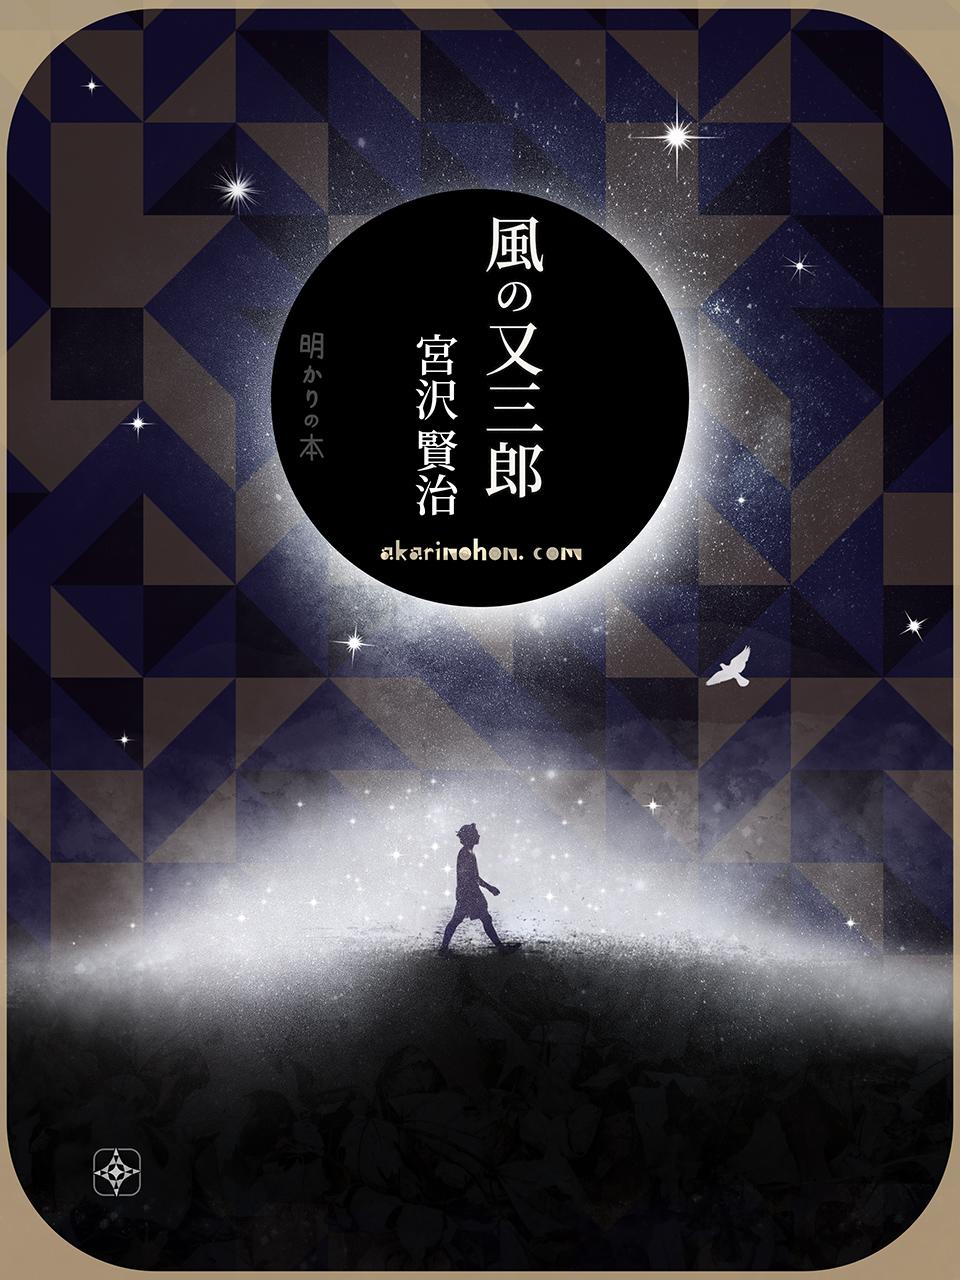 0000 - 風の又三郎 宮沢賢治